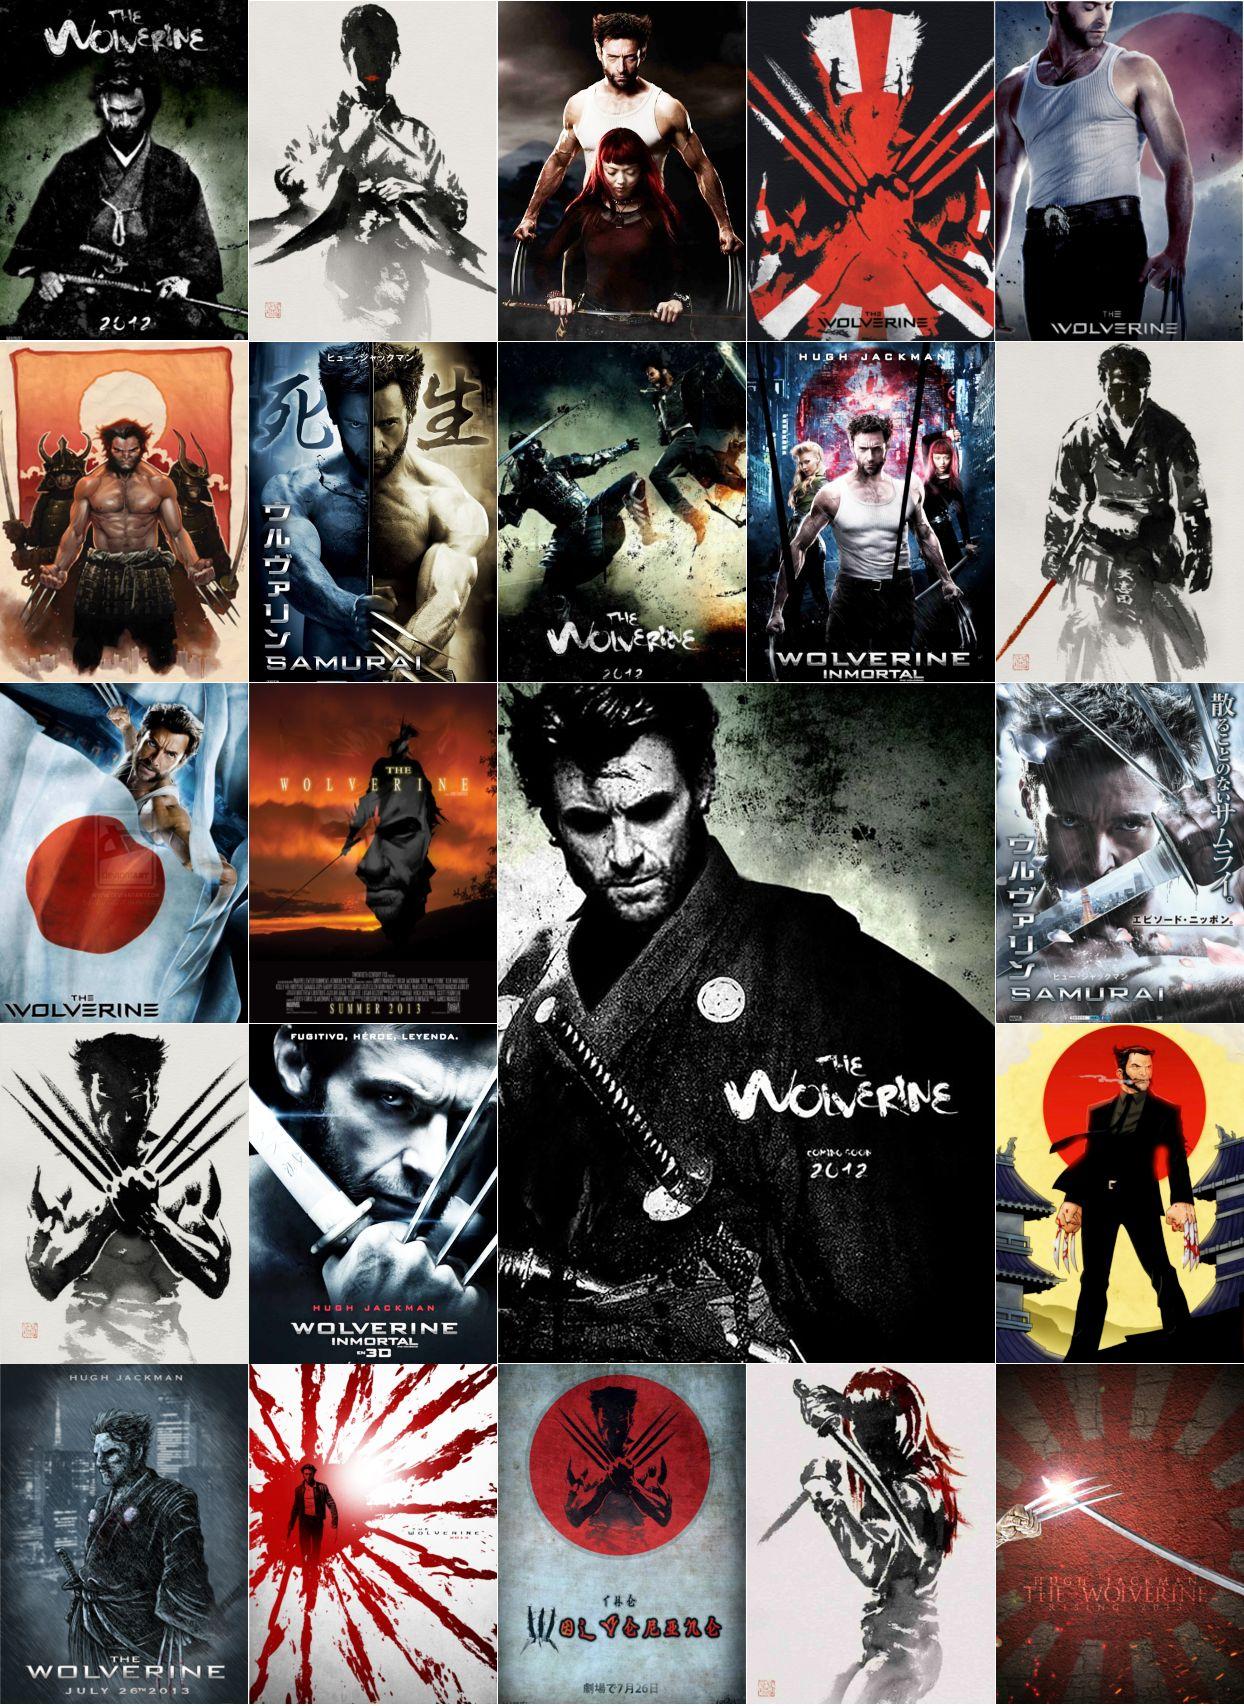 TAOさん、福島リラさんご出演の「ウルヴァリン」(The Wolverine)観てきました_b0007805_23583035.jpg